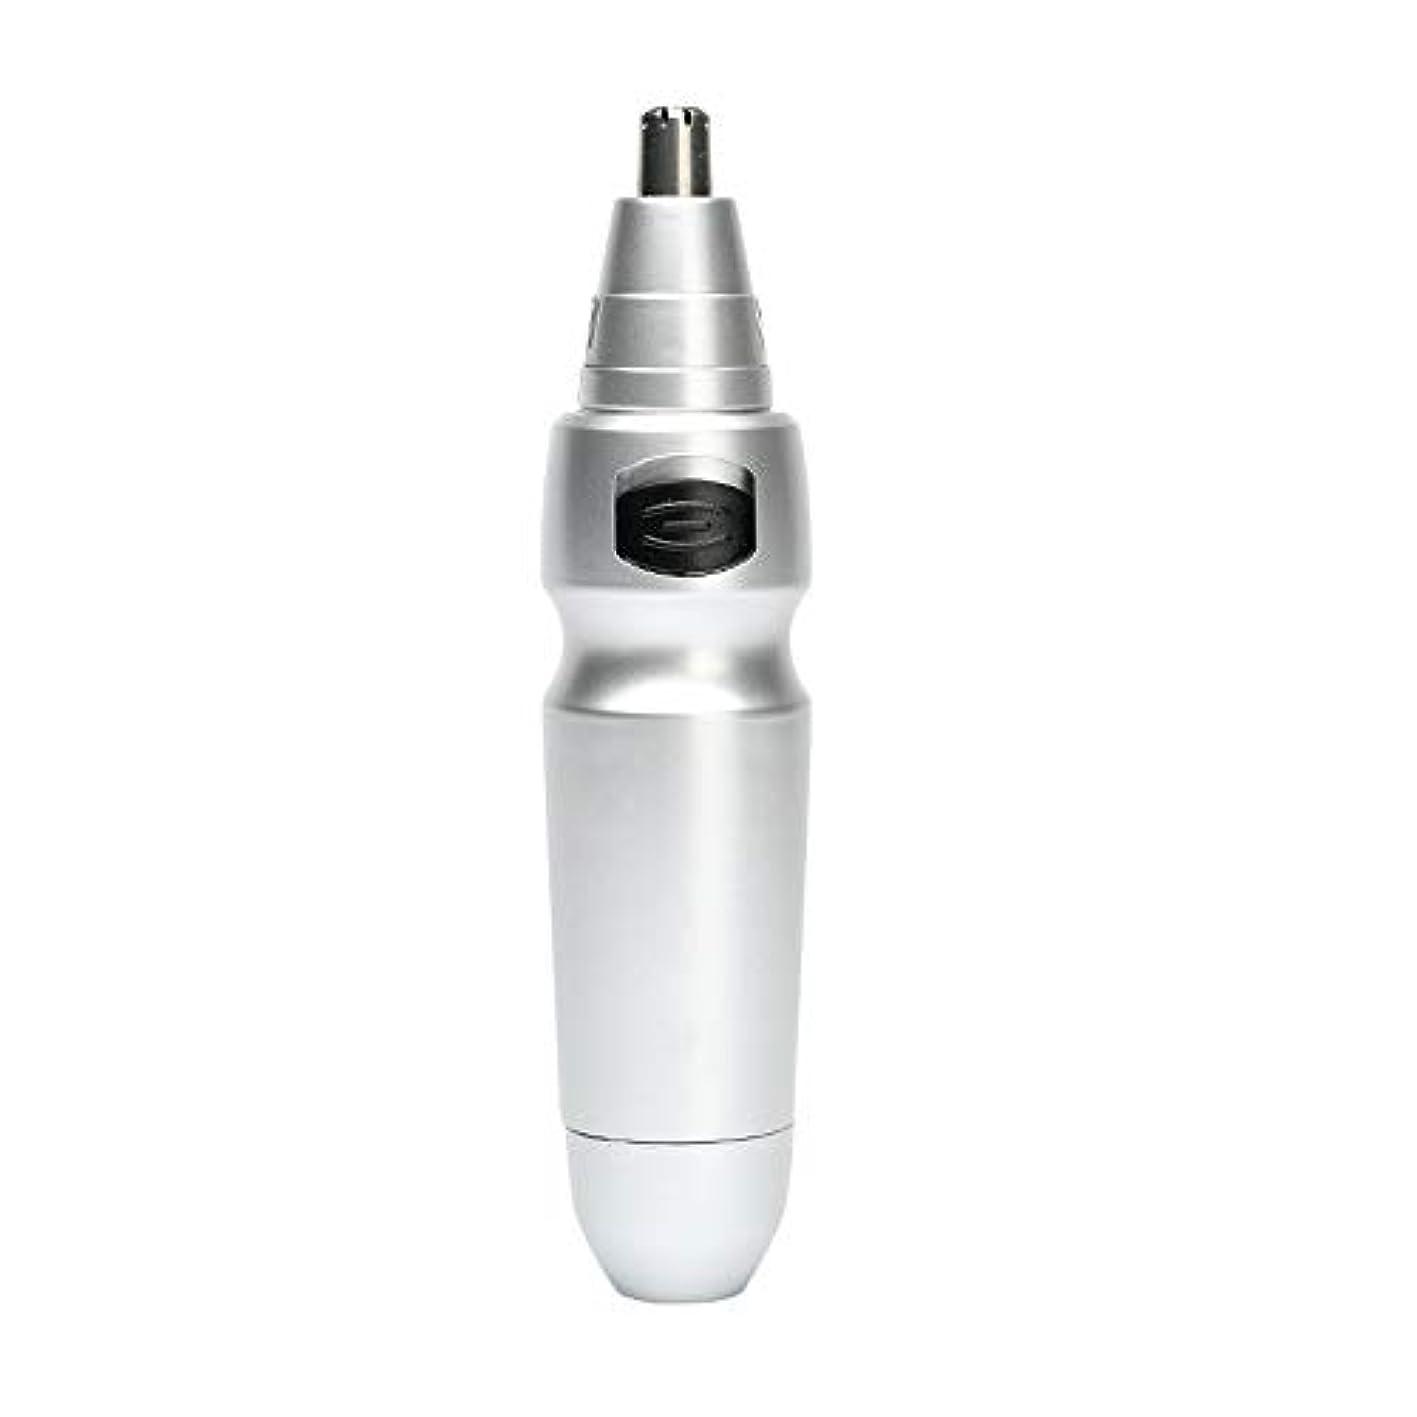 酸化するファイナンス一貫性のないノーズヘアトリマー-男性用女性シェービングノーズ/三次元アーチ、カッターヘッドデザイン/高速ロータリーカッターヘッド/ 130 * 28mm 作り方がすぐれている